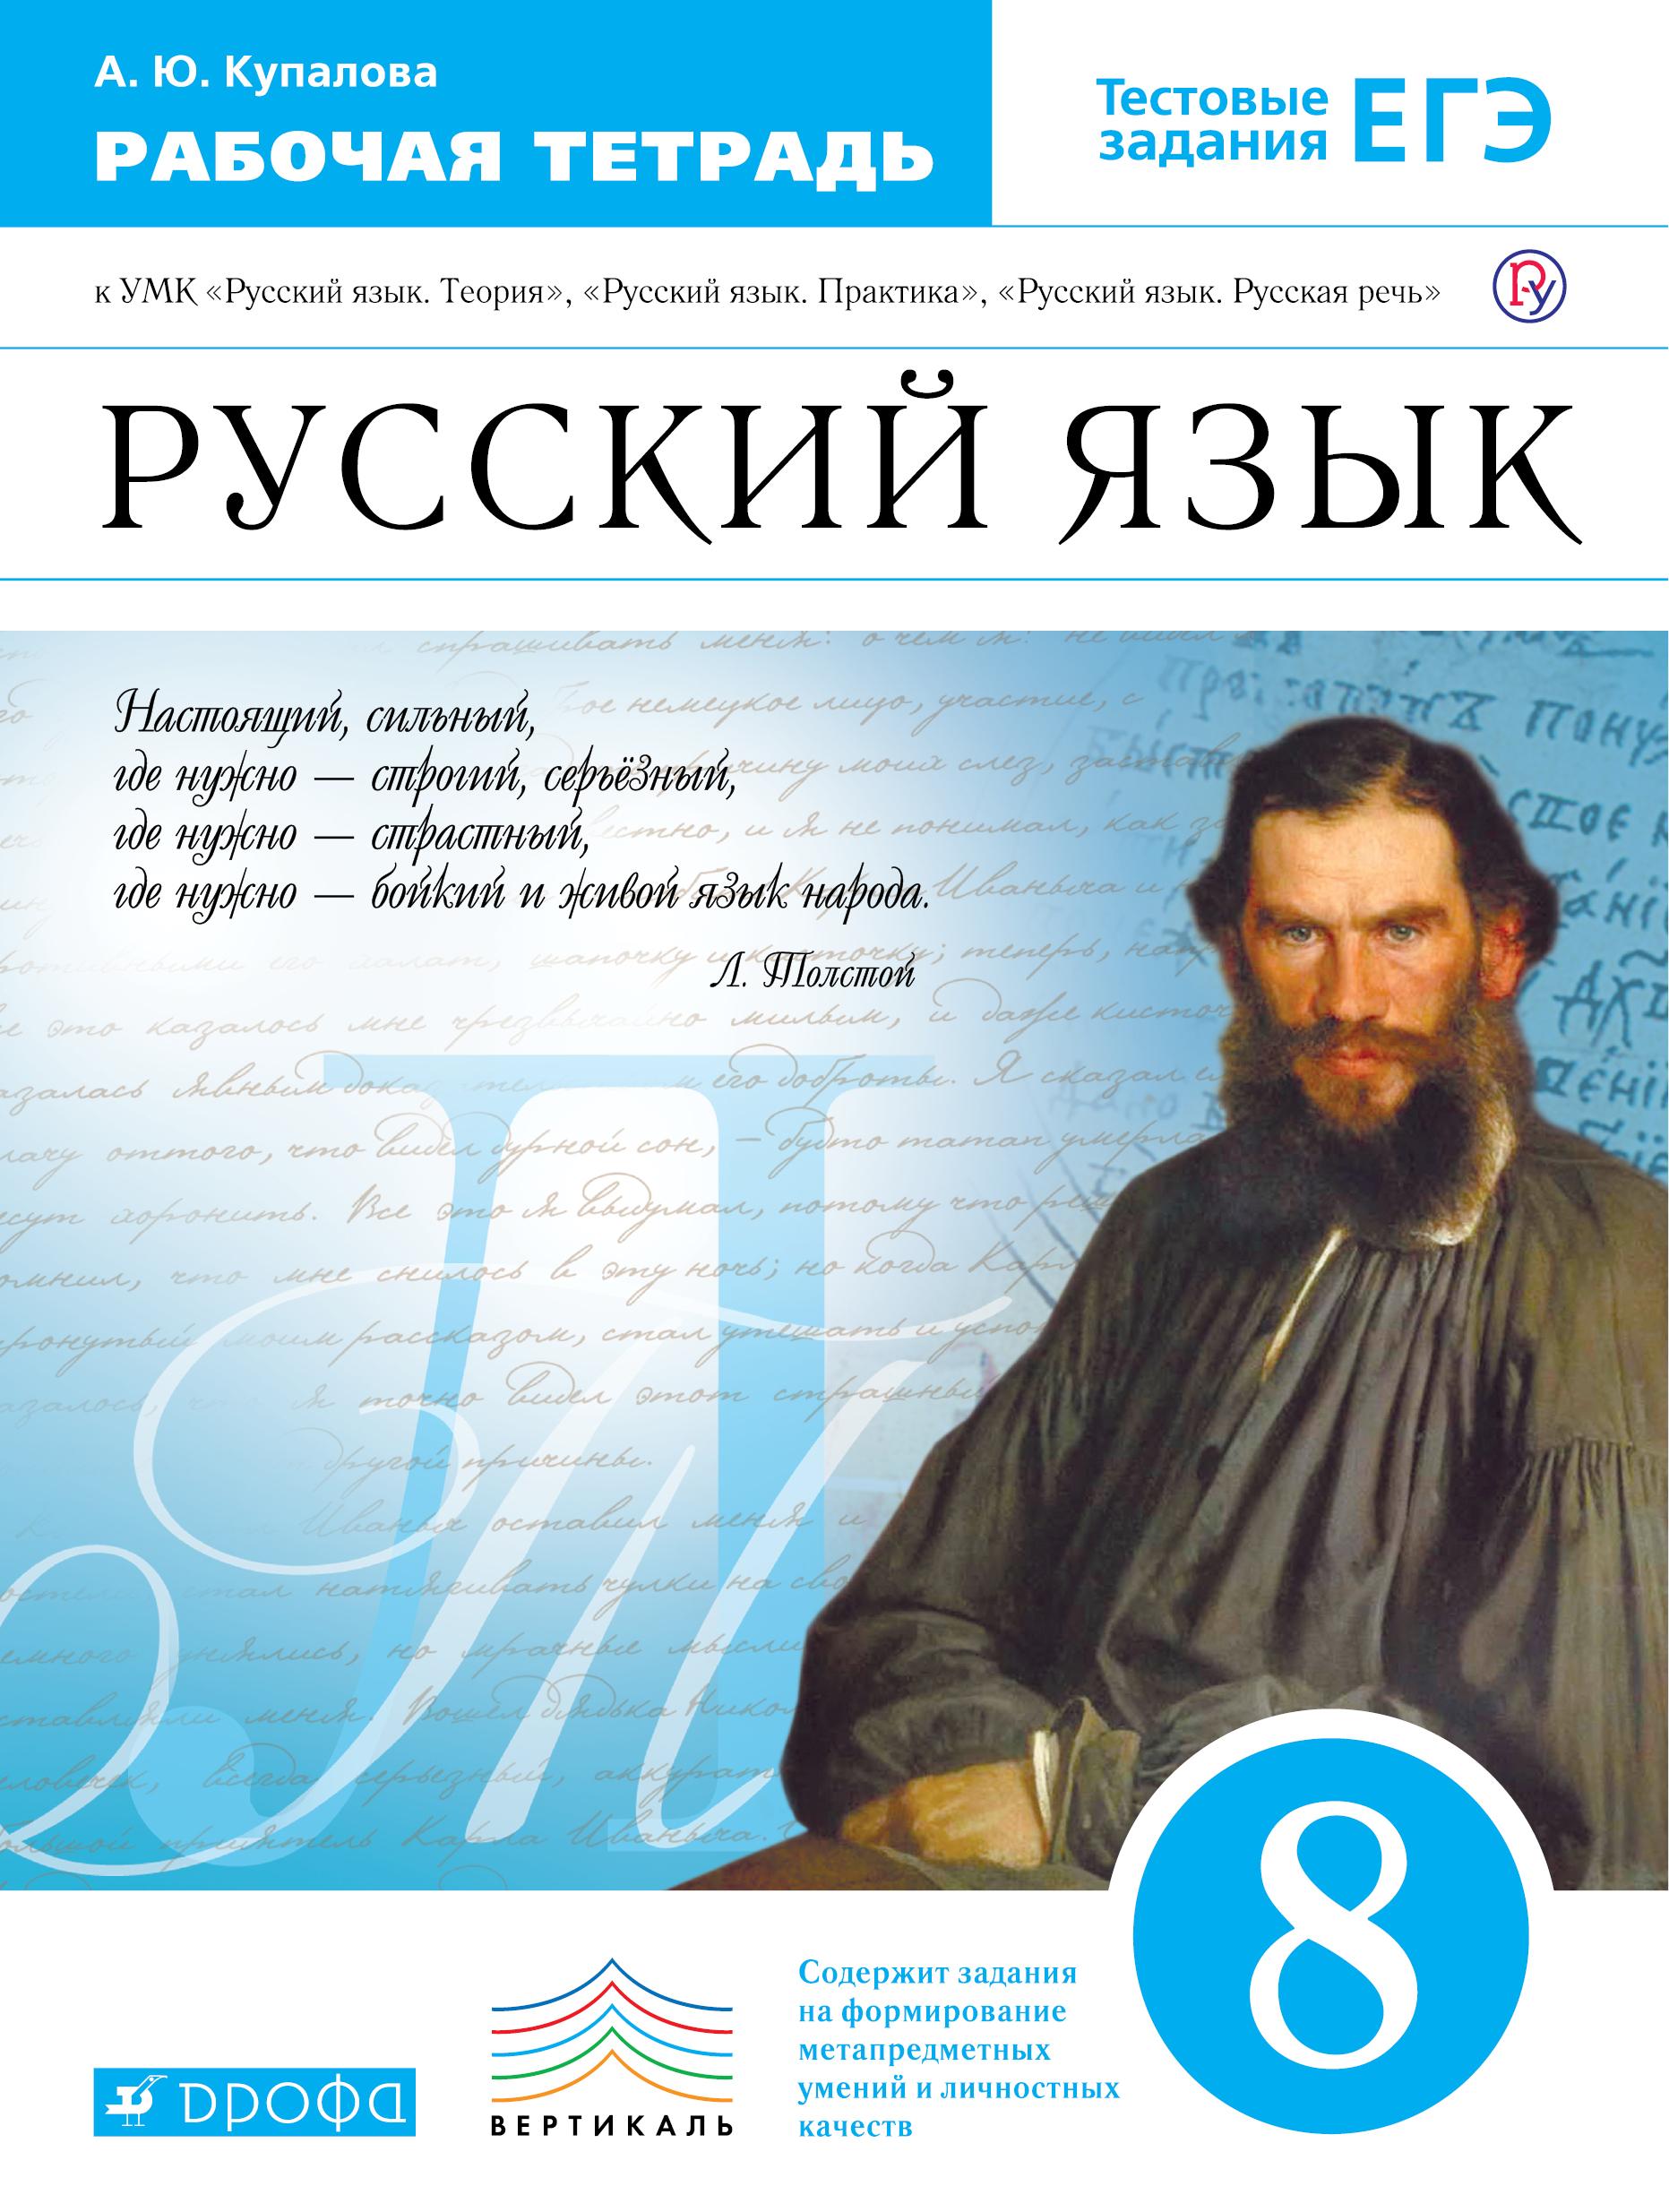 Купалова. Русский язык. Рабочая тетрадь 8 кл. ВЕРТИКАЛЬ